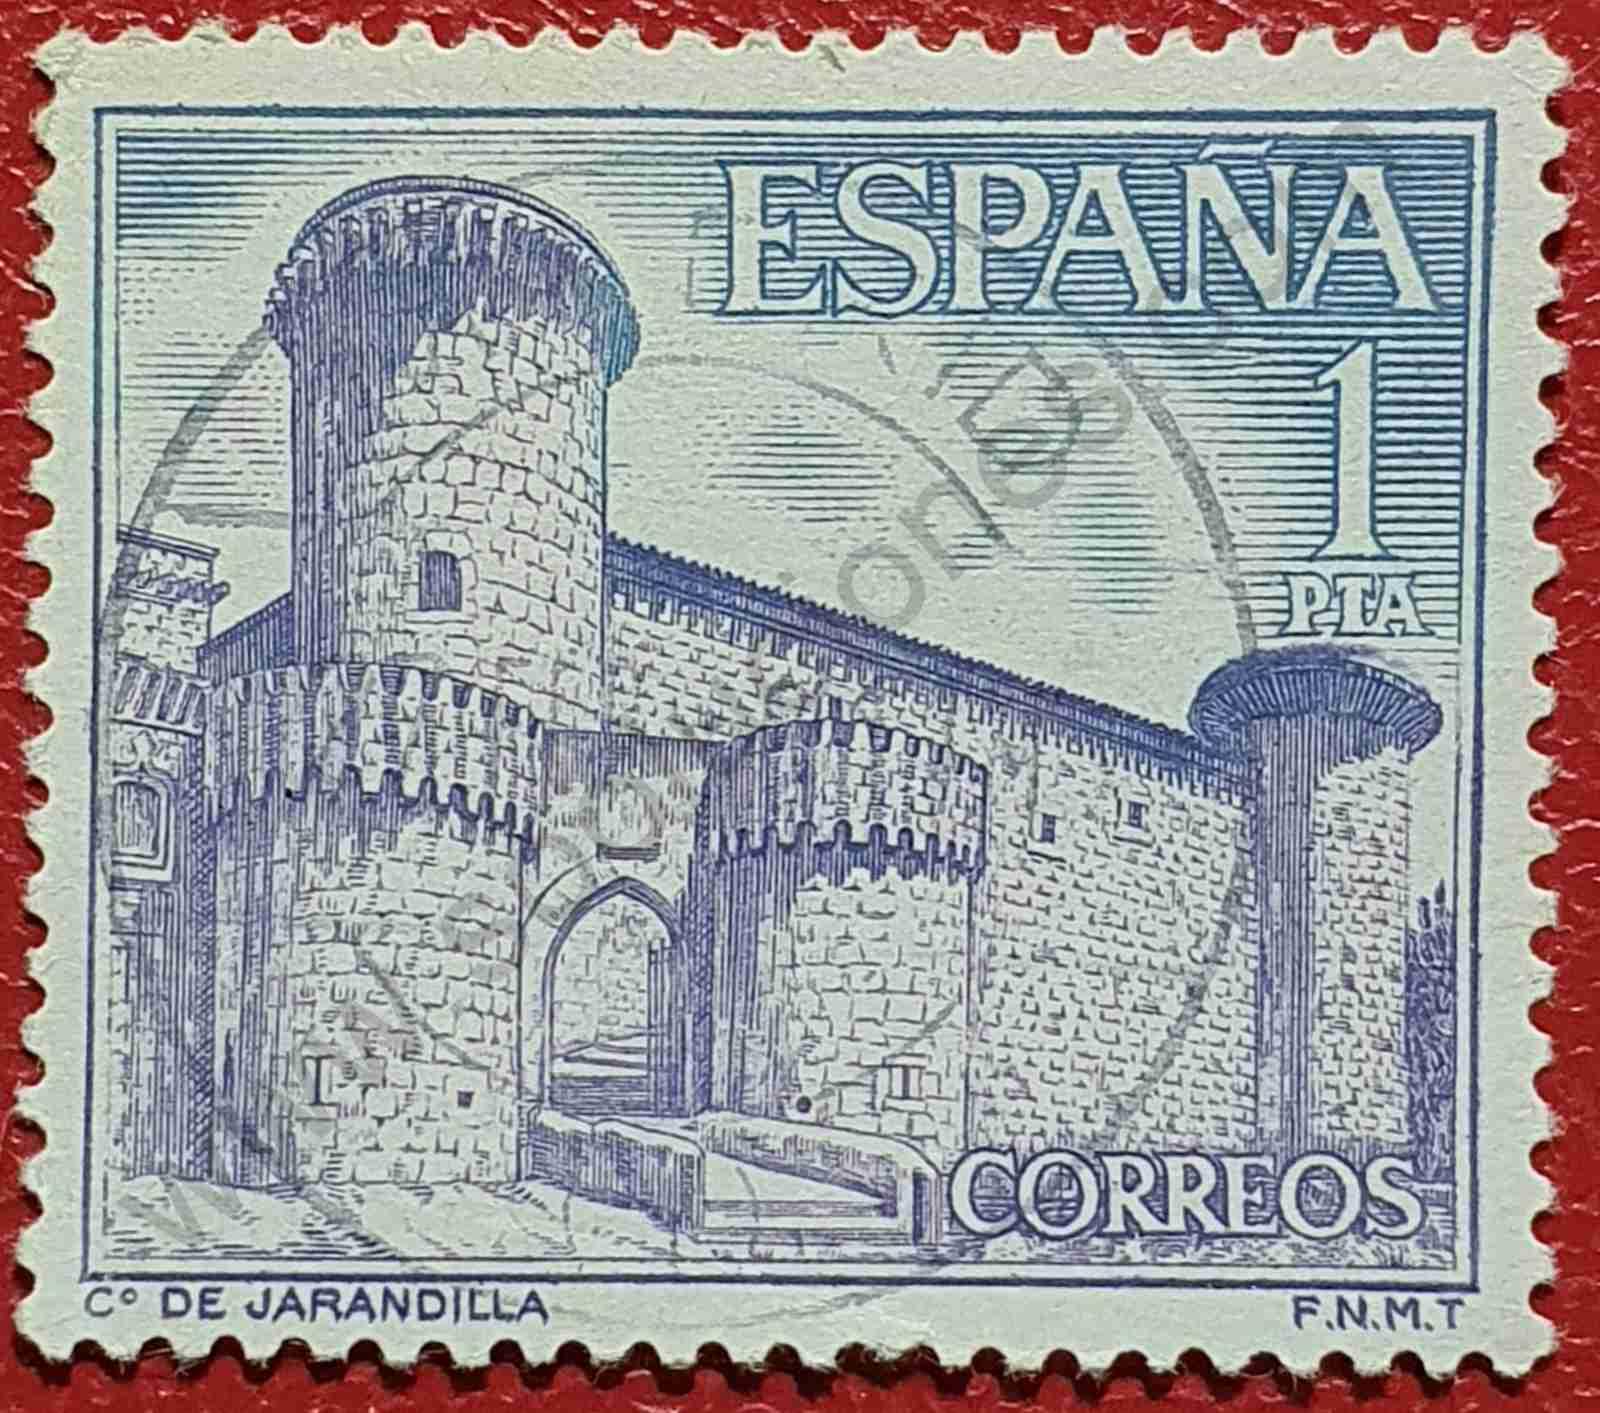 Castillo Jarandilla - Sello España 1967